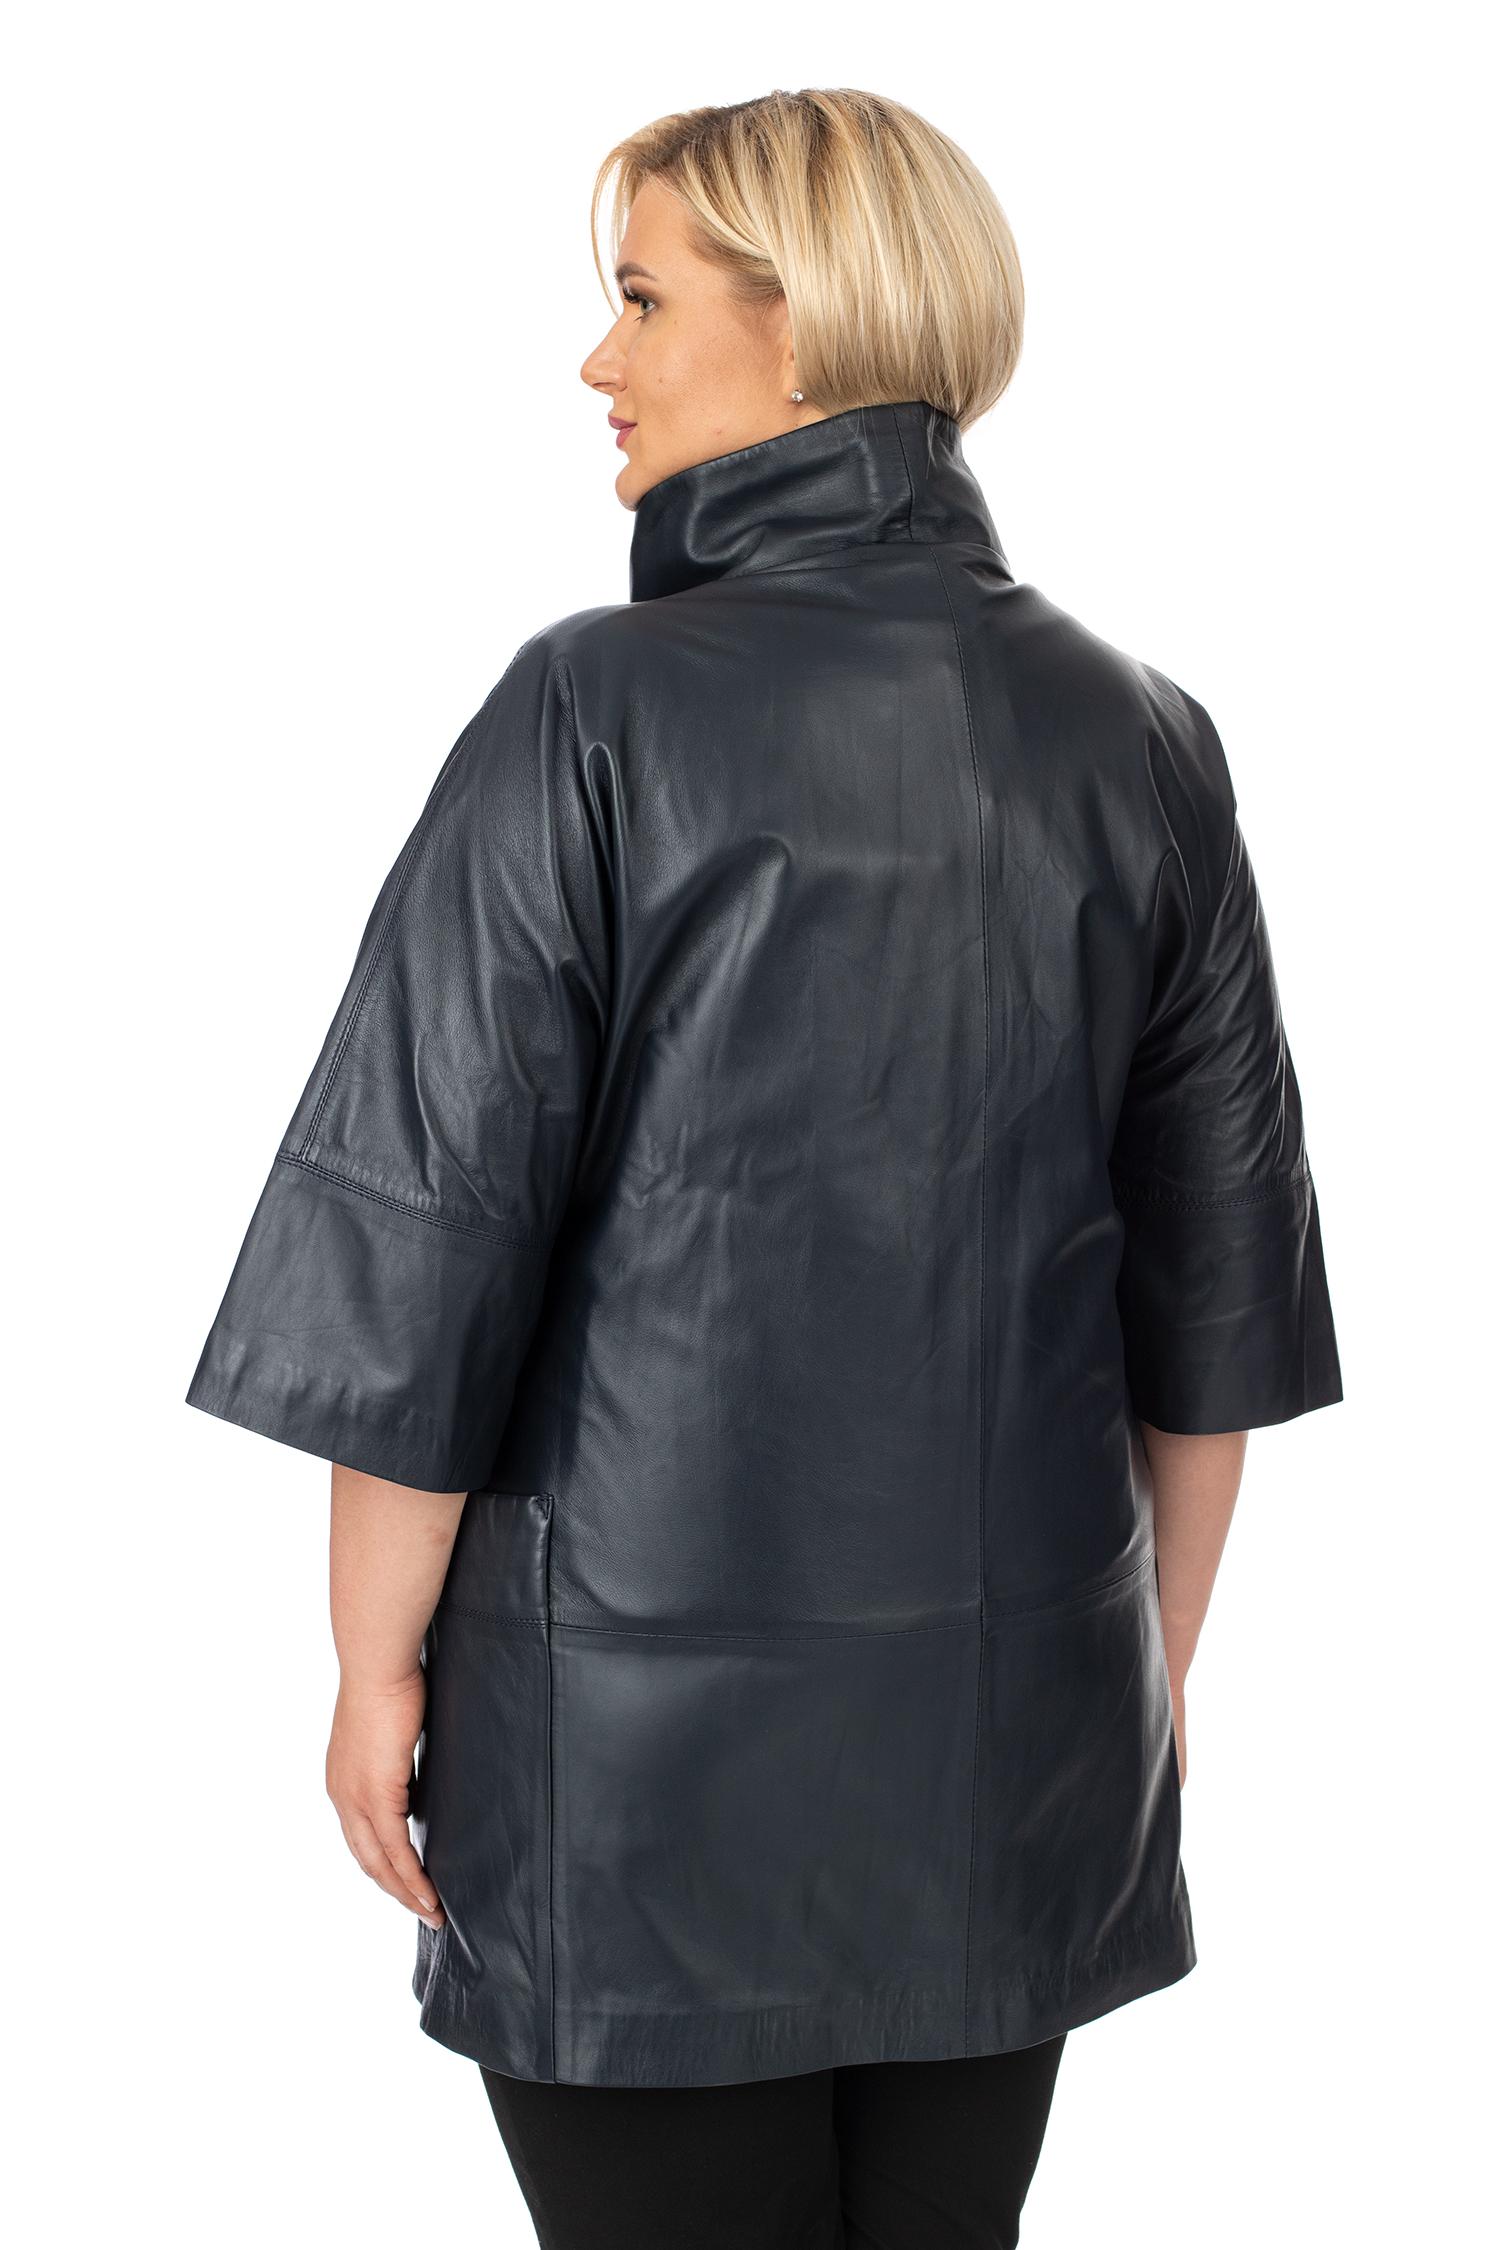 Фото 3 - Женское кожаное пальто из натуральной кожи с воротником от МОСМЕХА синего цвета